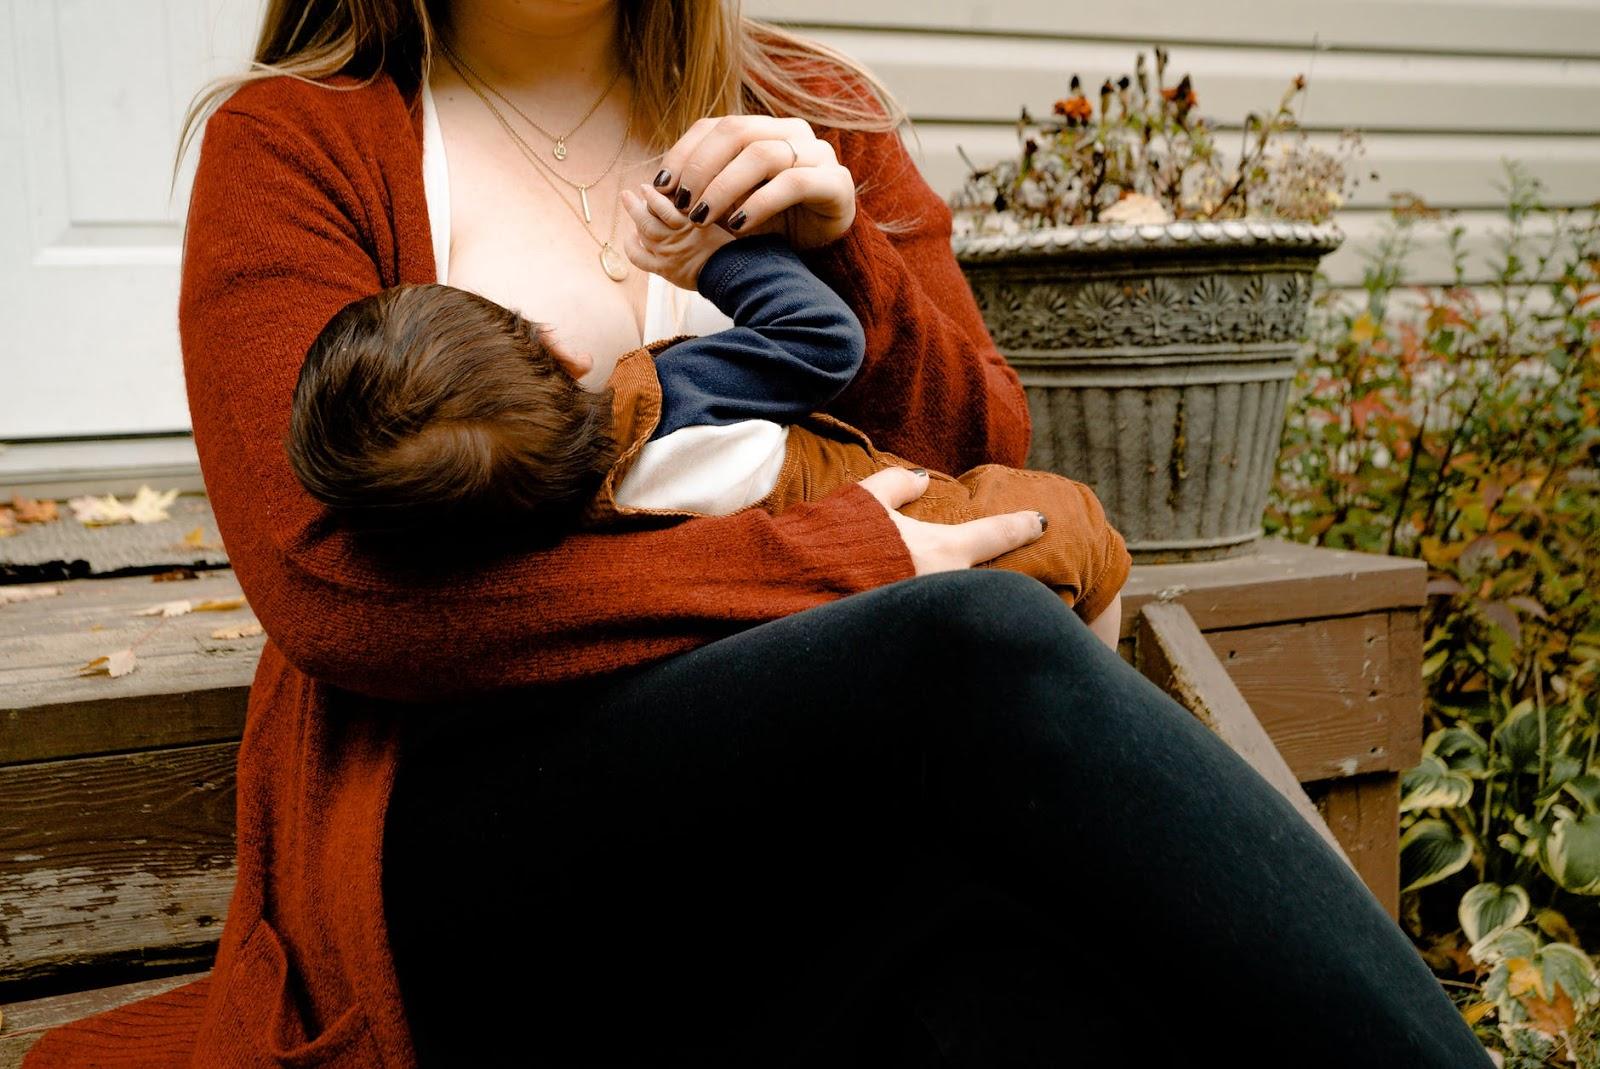 cluster feeding your newborn